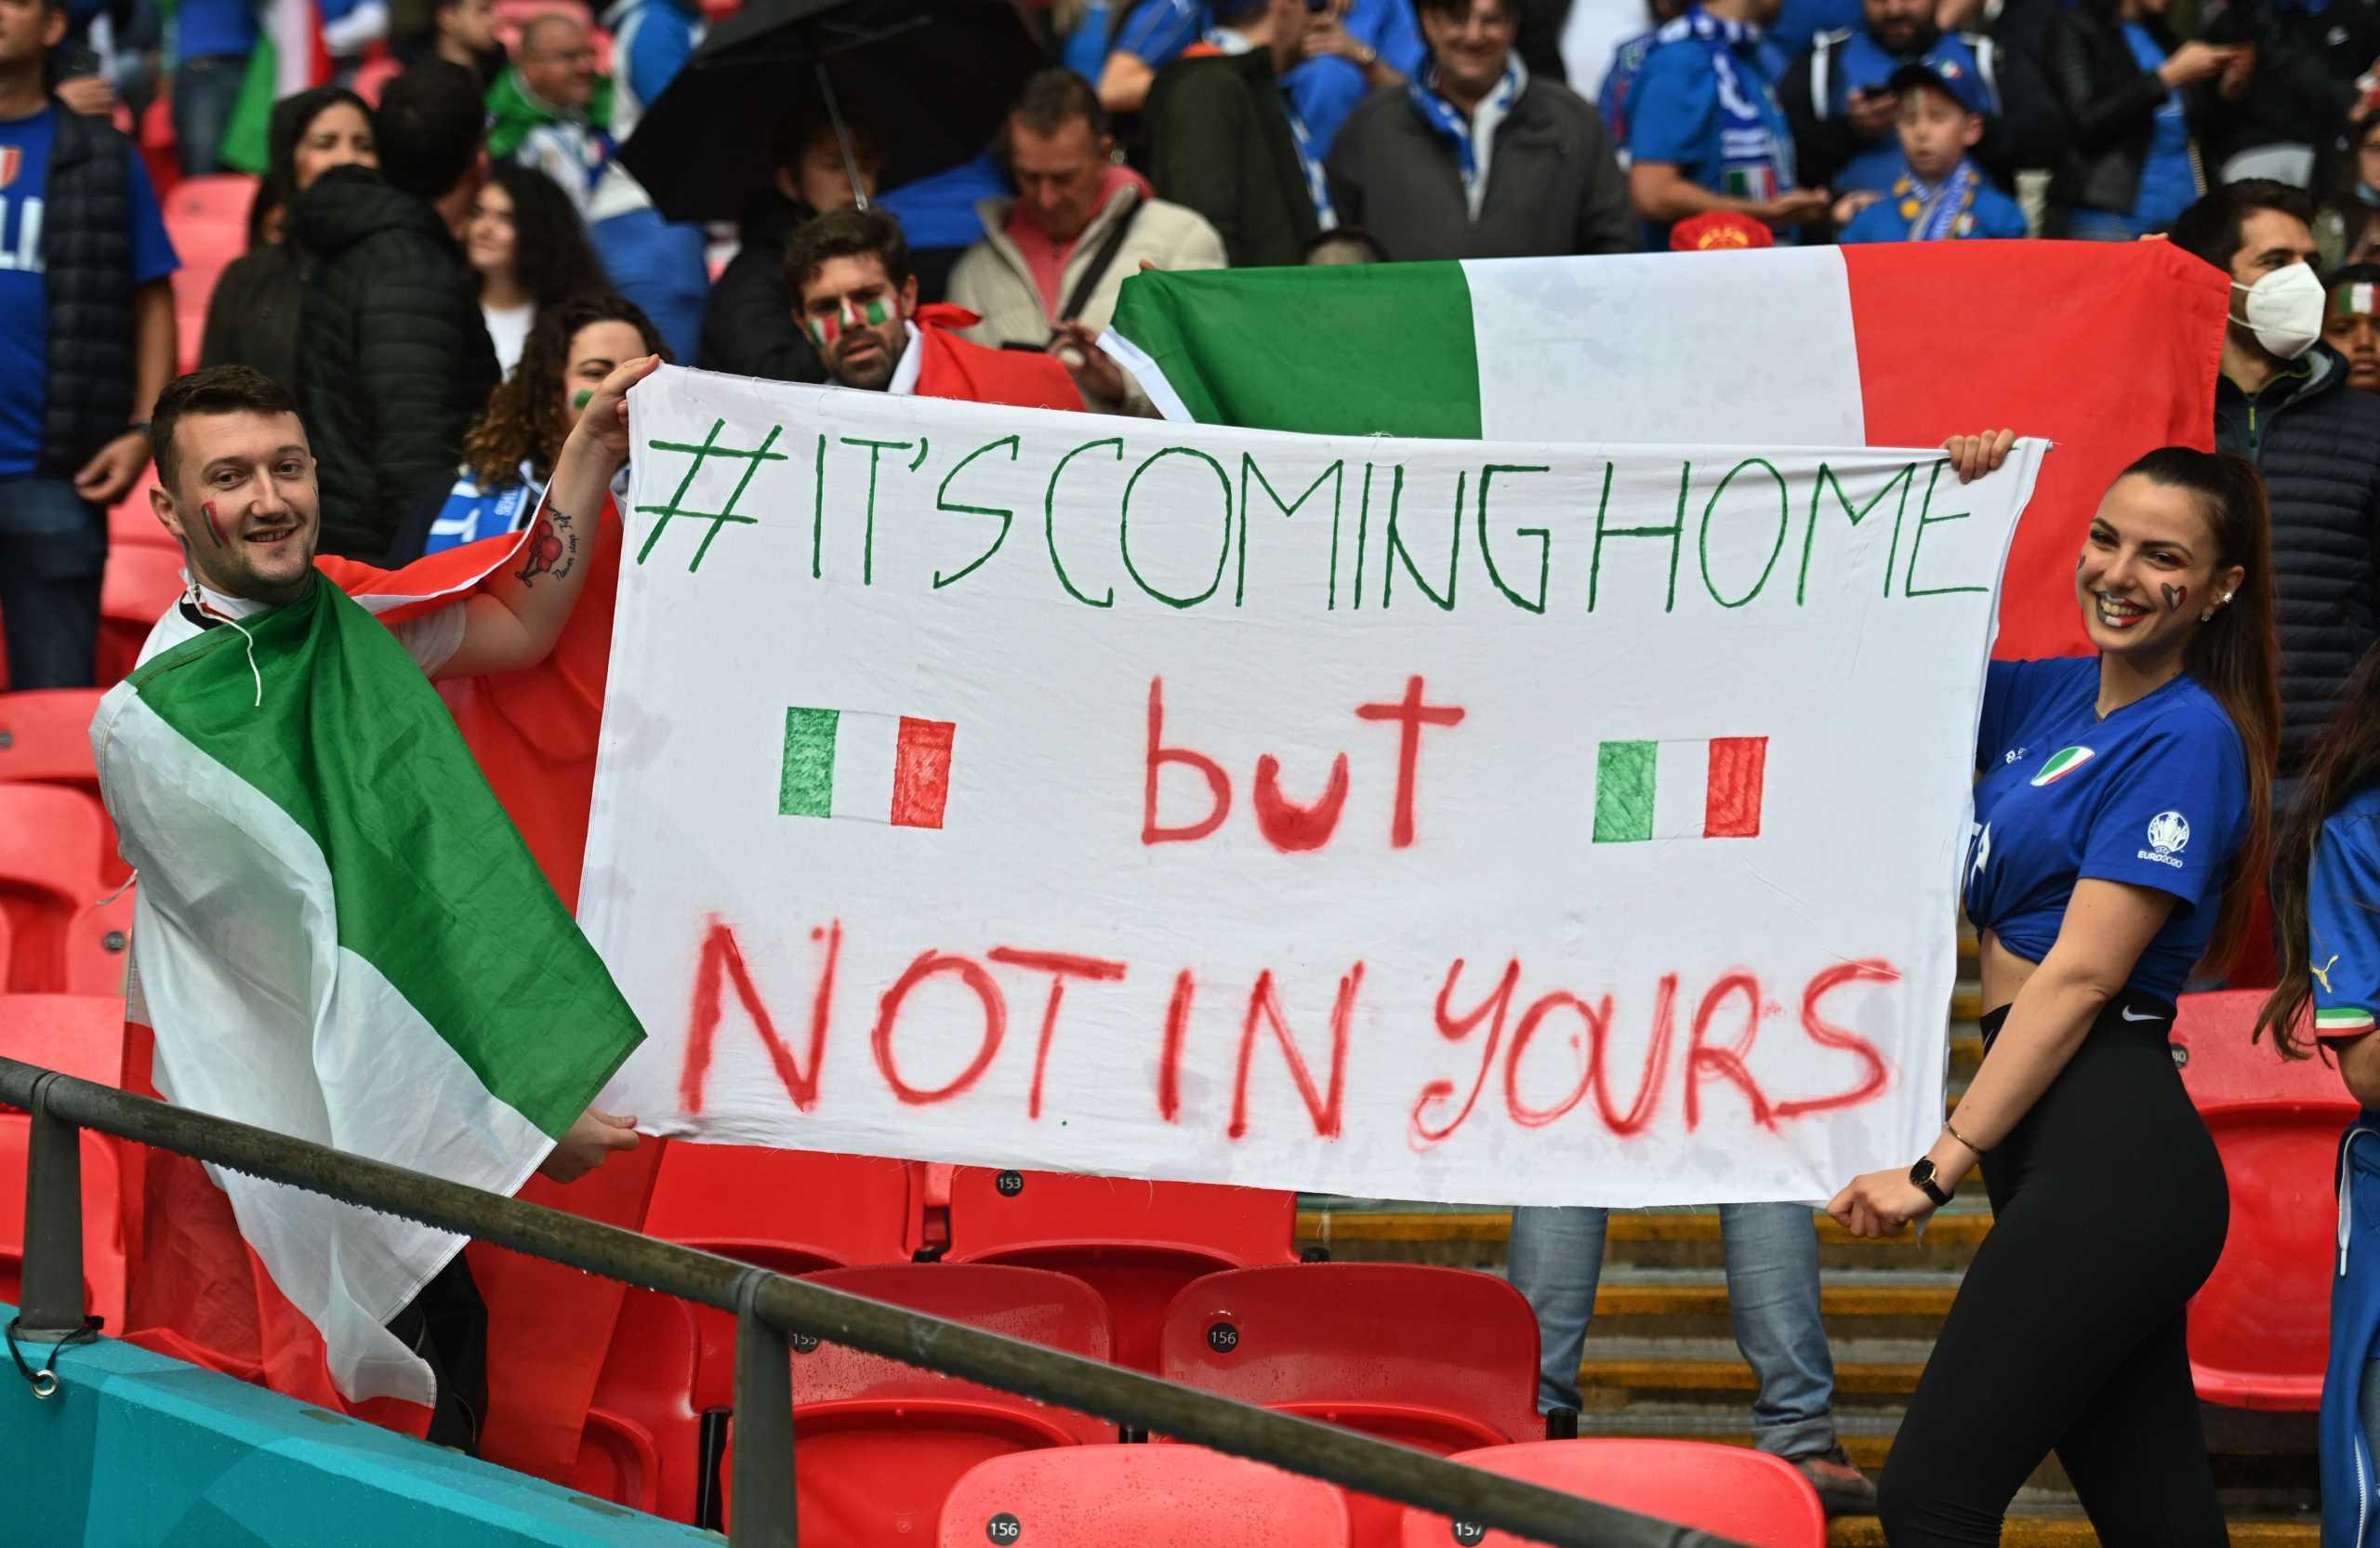 Euro 2020, Ιταλία – Ισπανία: Απίστευτες εικόνες από τις εξέδρες του Wembley